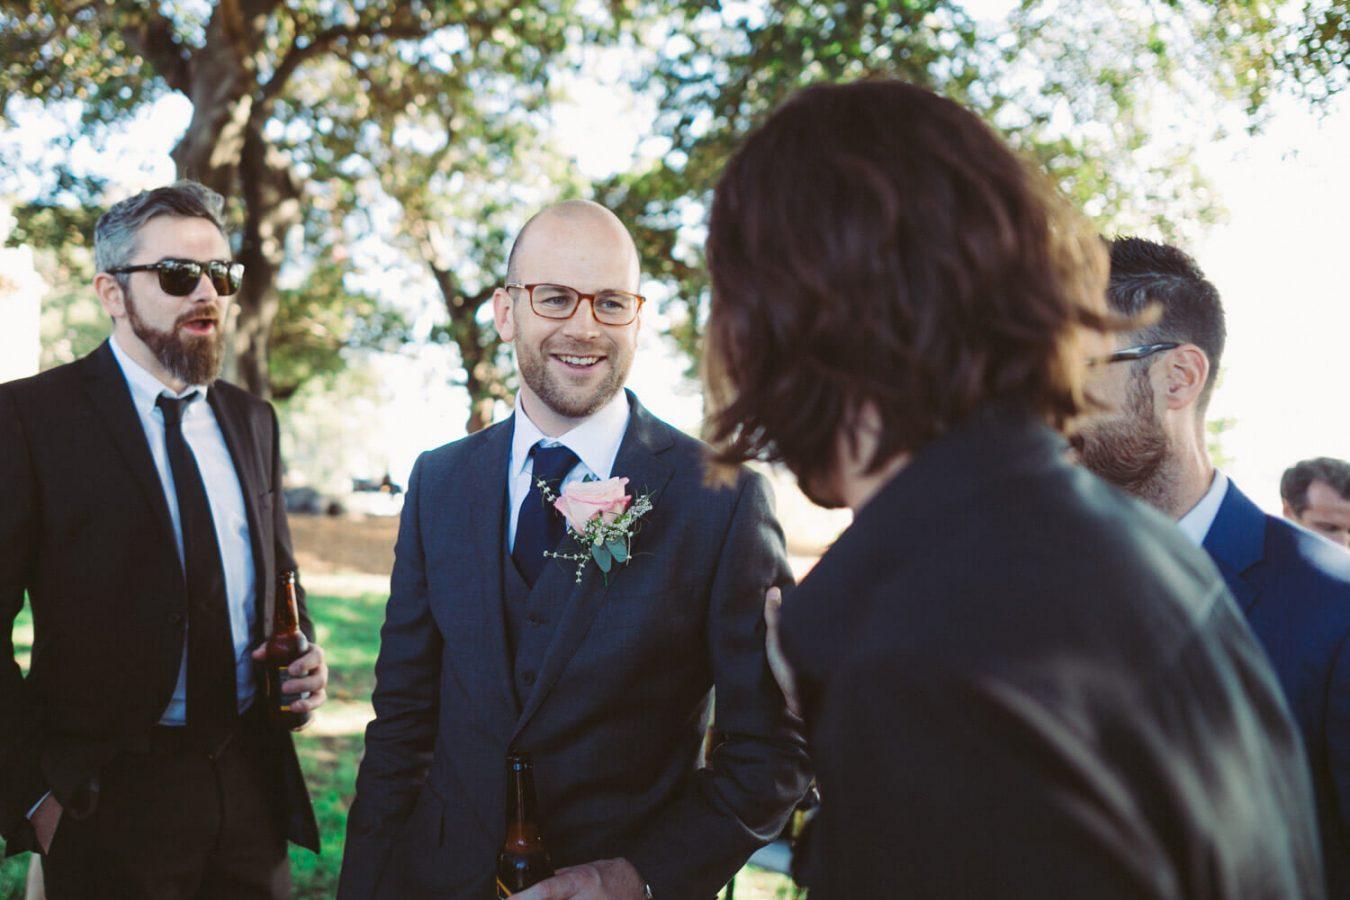 lela_rob_wedding_kat_rollings-0179